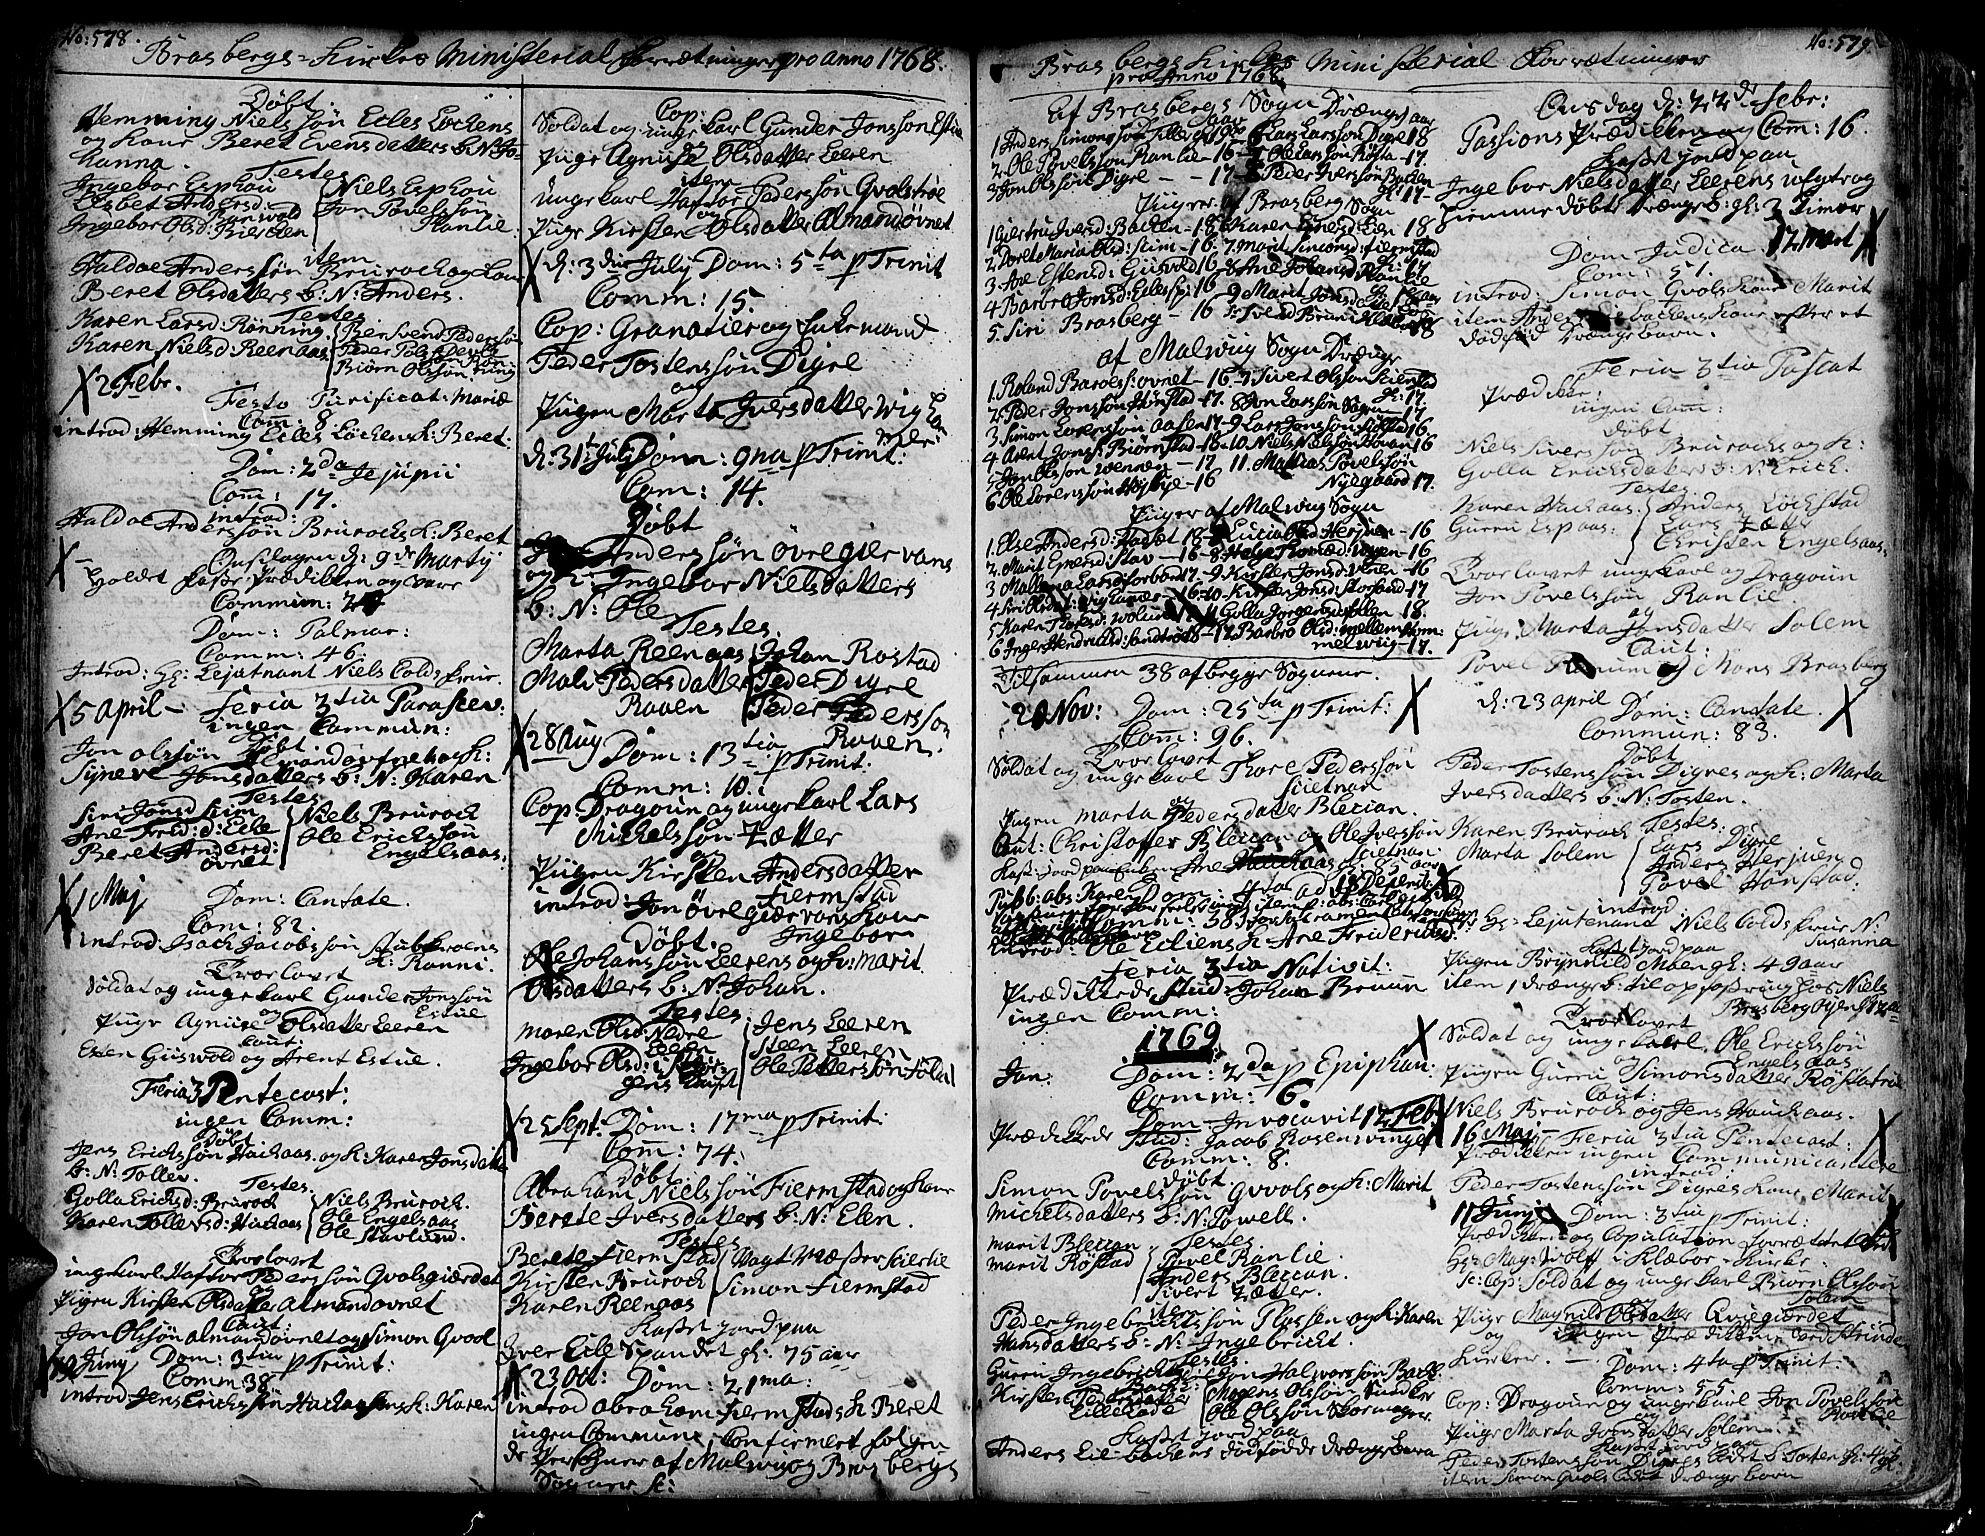 SAT, Ministerialprotokoller, klokkerbøker og fødselsregistre - Sør-Trøndelag, 606/L0278: Ministerialbok nr. 606A01 /4, 1727-1780, s. 578-579